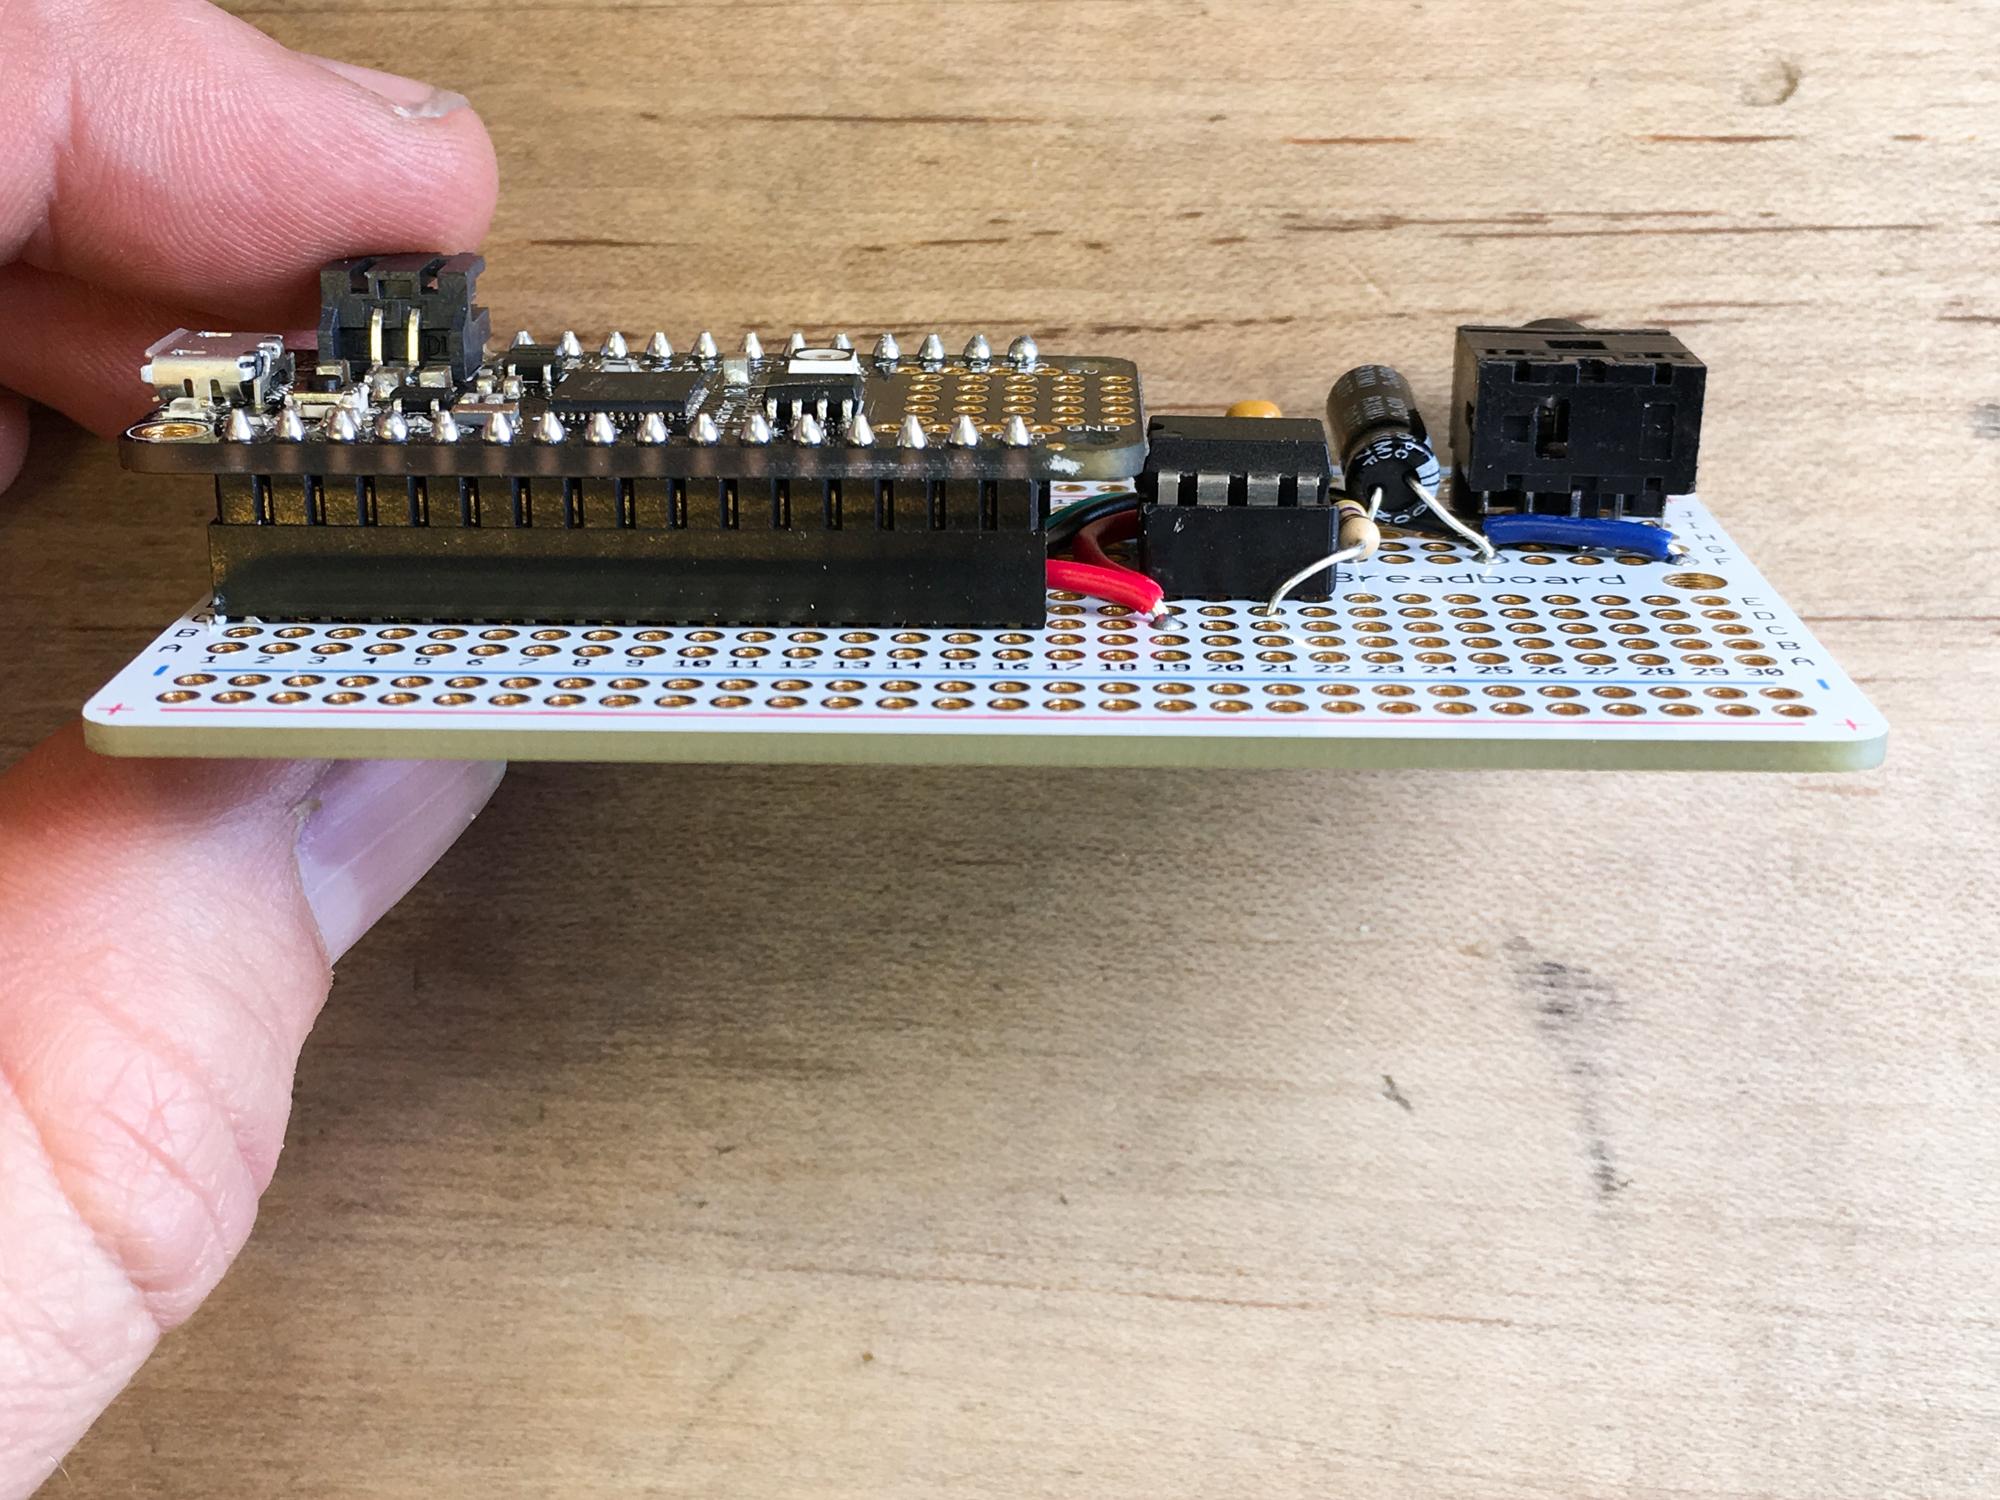 microcontrollers_IMG_1797_2k.jpg